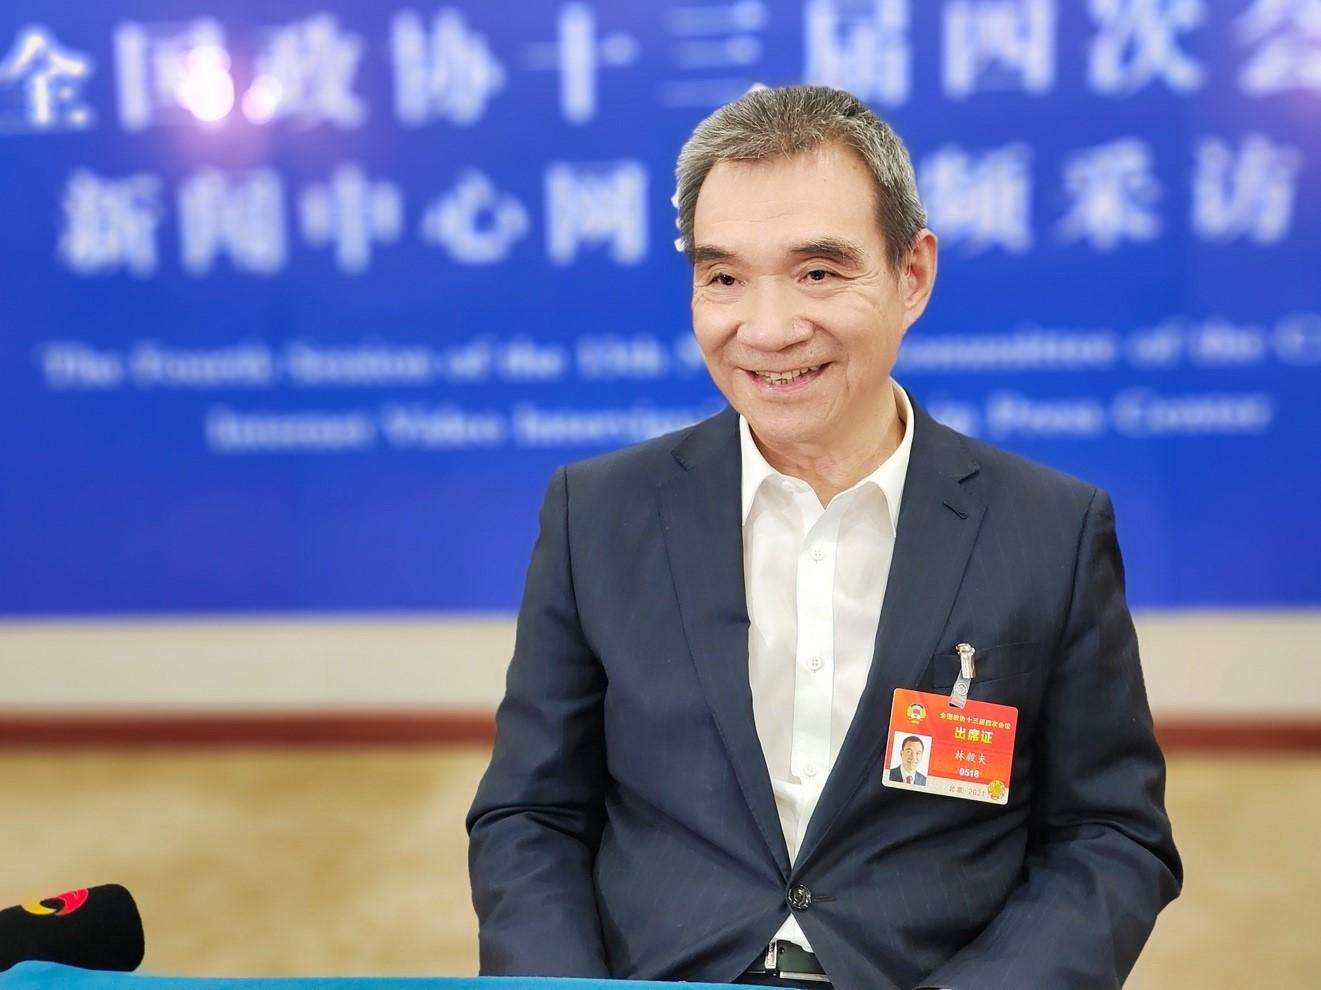 全国政协常委、经济委员会副主任林毅夫。受访者供图